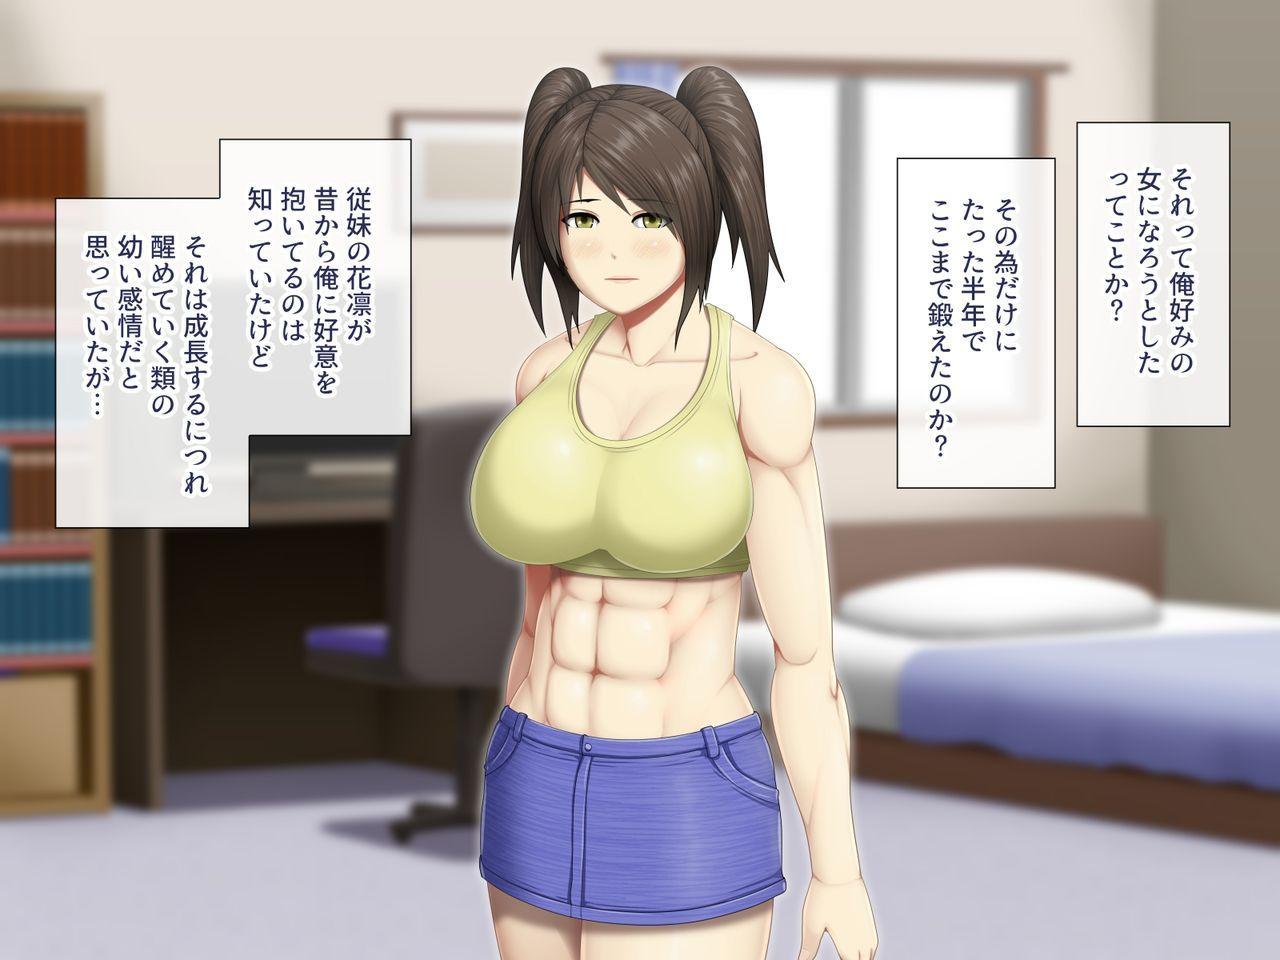 Uchiki na Jyumai ga Ore no Tame ni Karada o Kitaeta Kekka 7